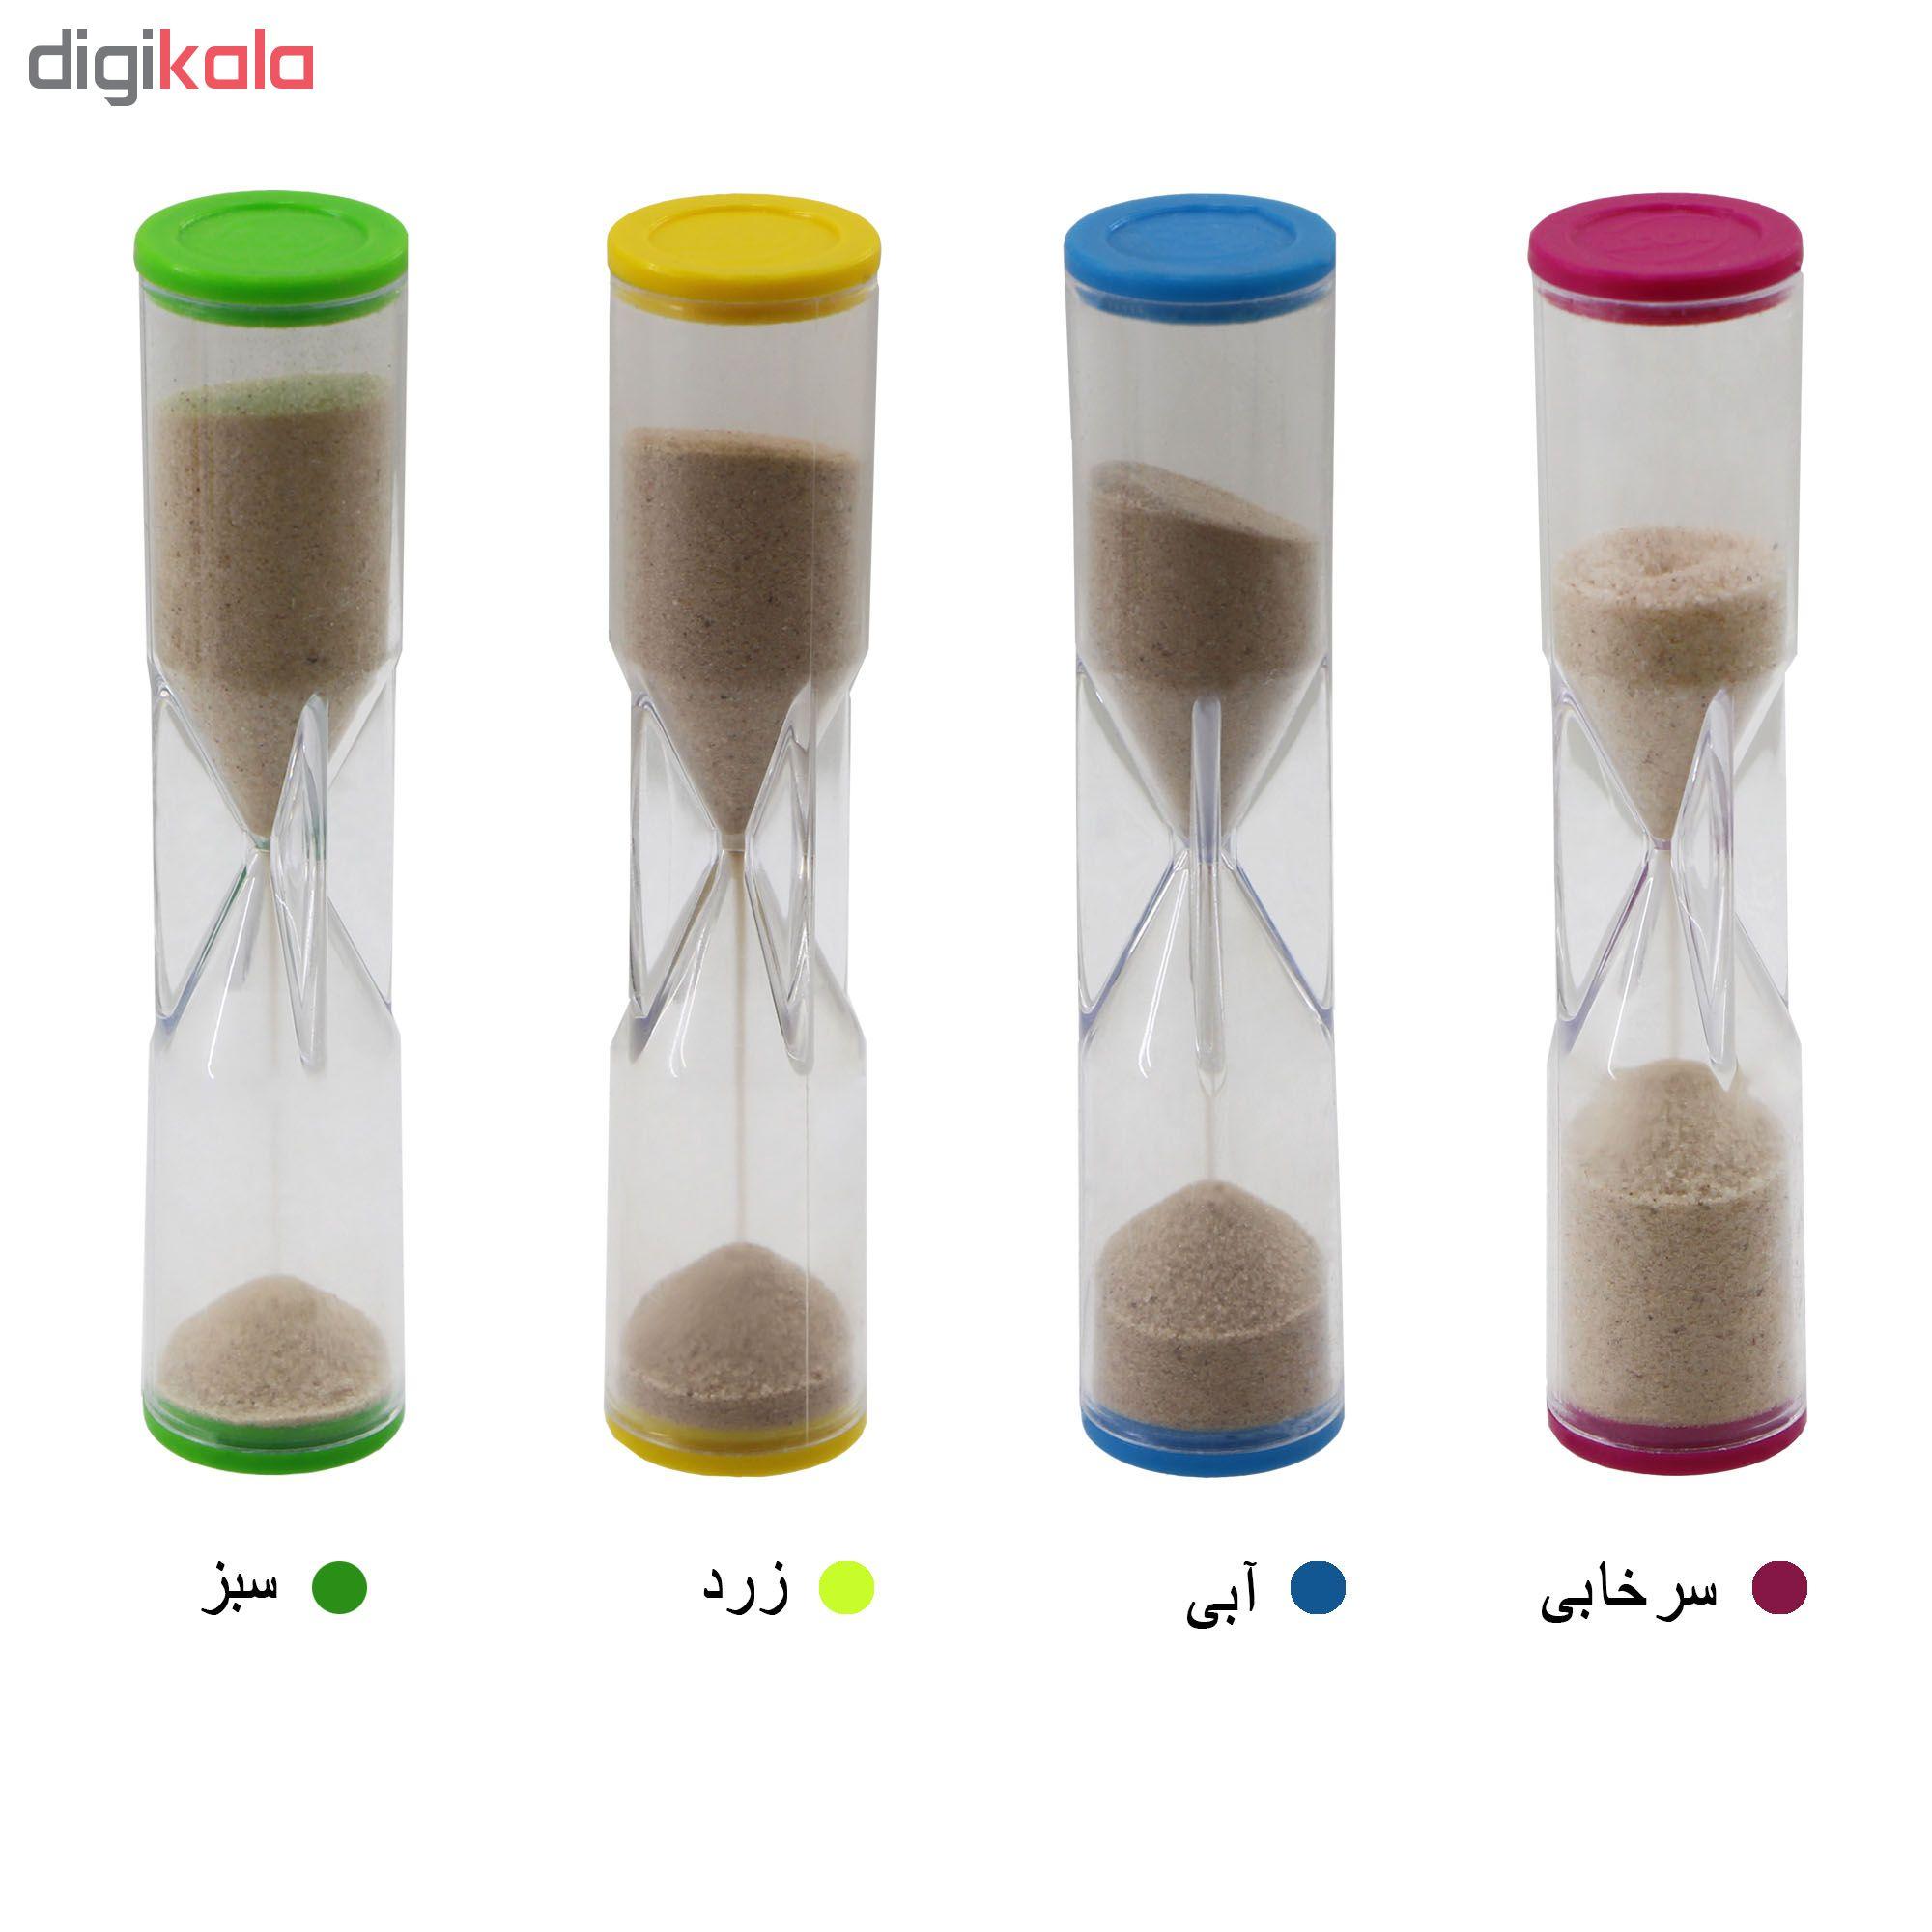 ساعت شنی آی توی مدل sml01